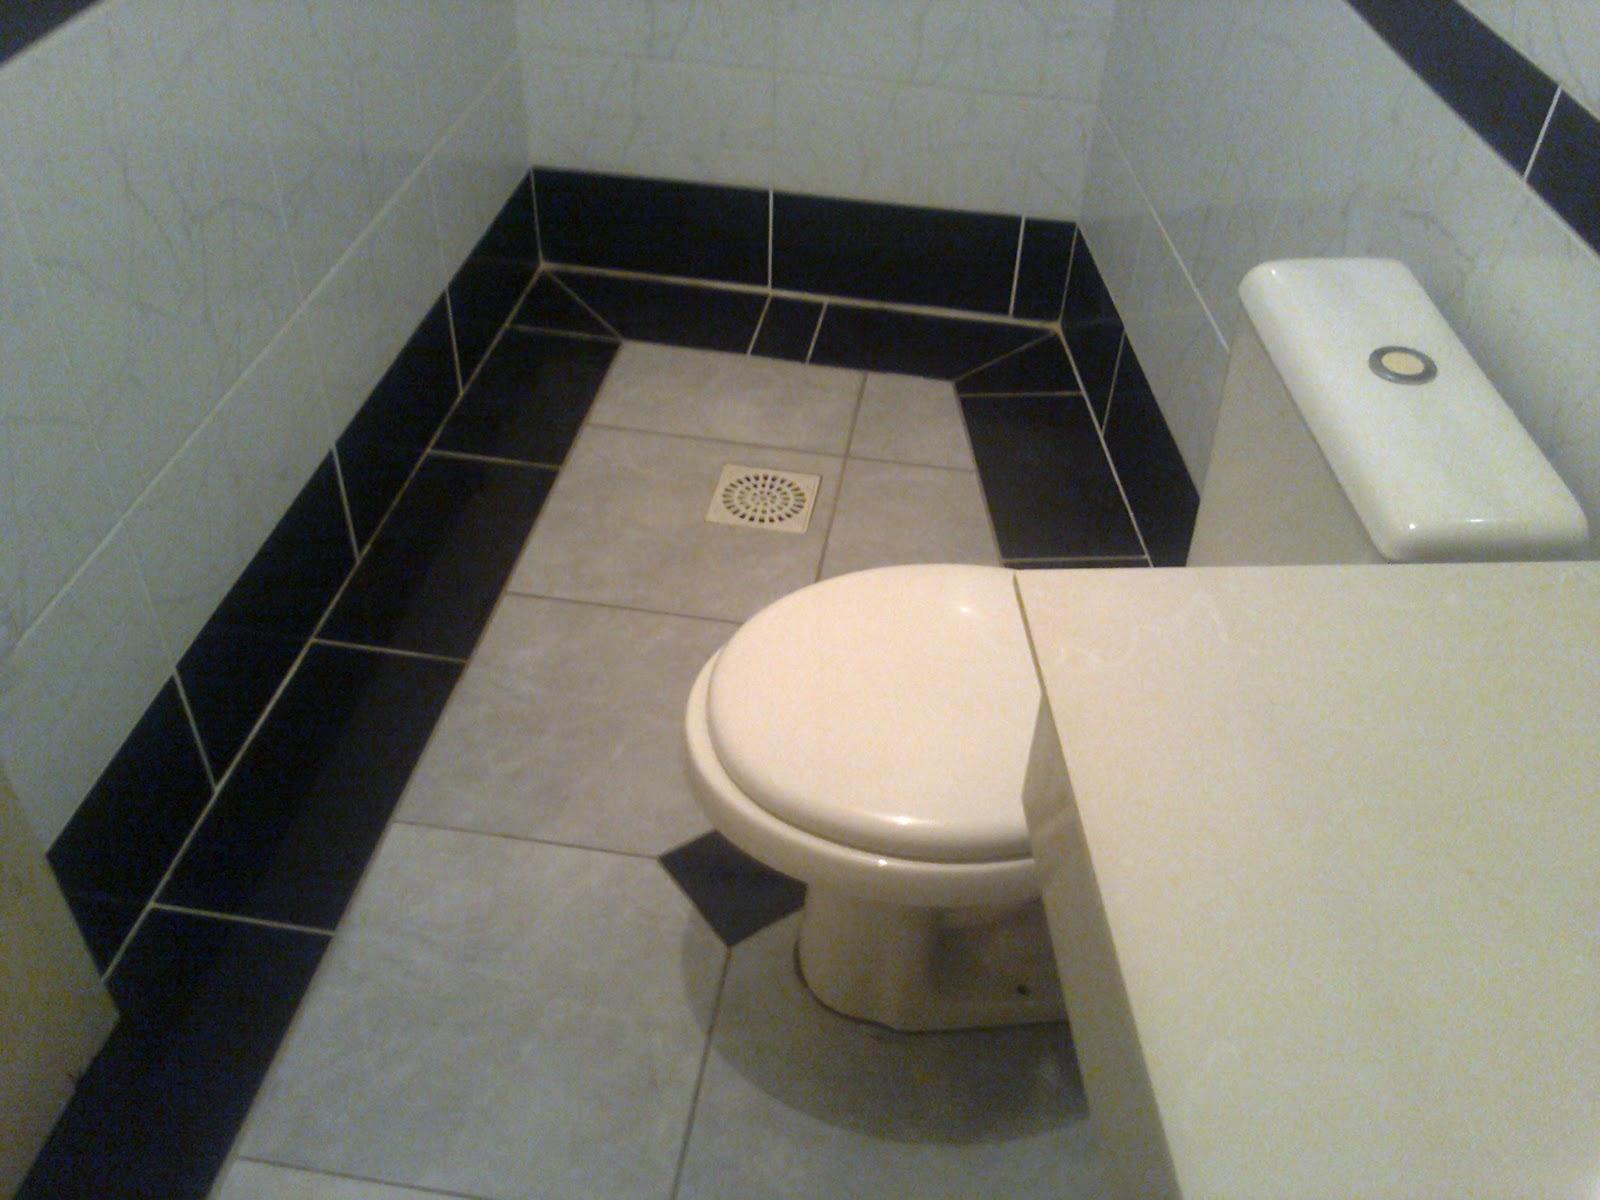 Banheiro branco e preto: paredes com piso na vertical e no meio na  #816A4A 1600x1200 Banheiro Branco Com Faixa